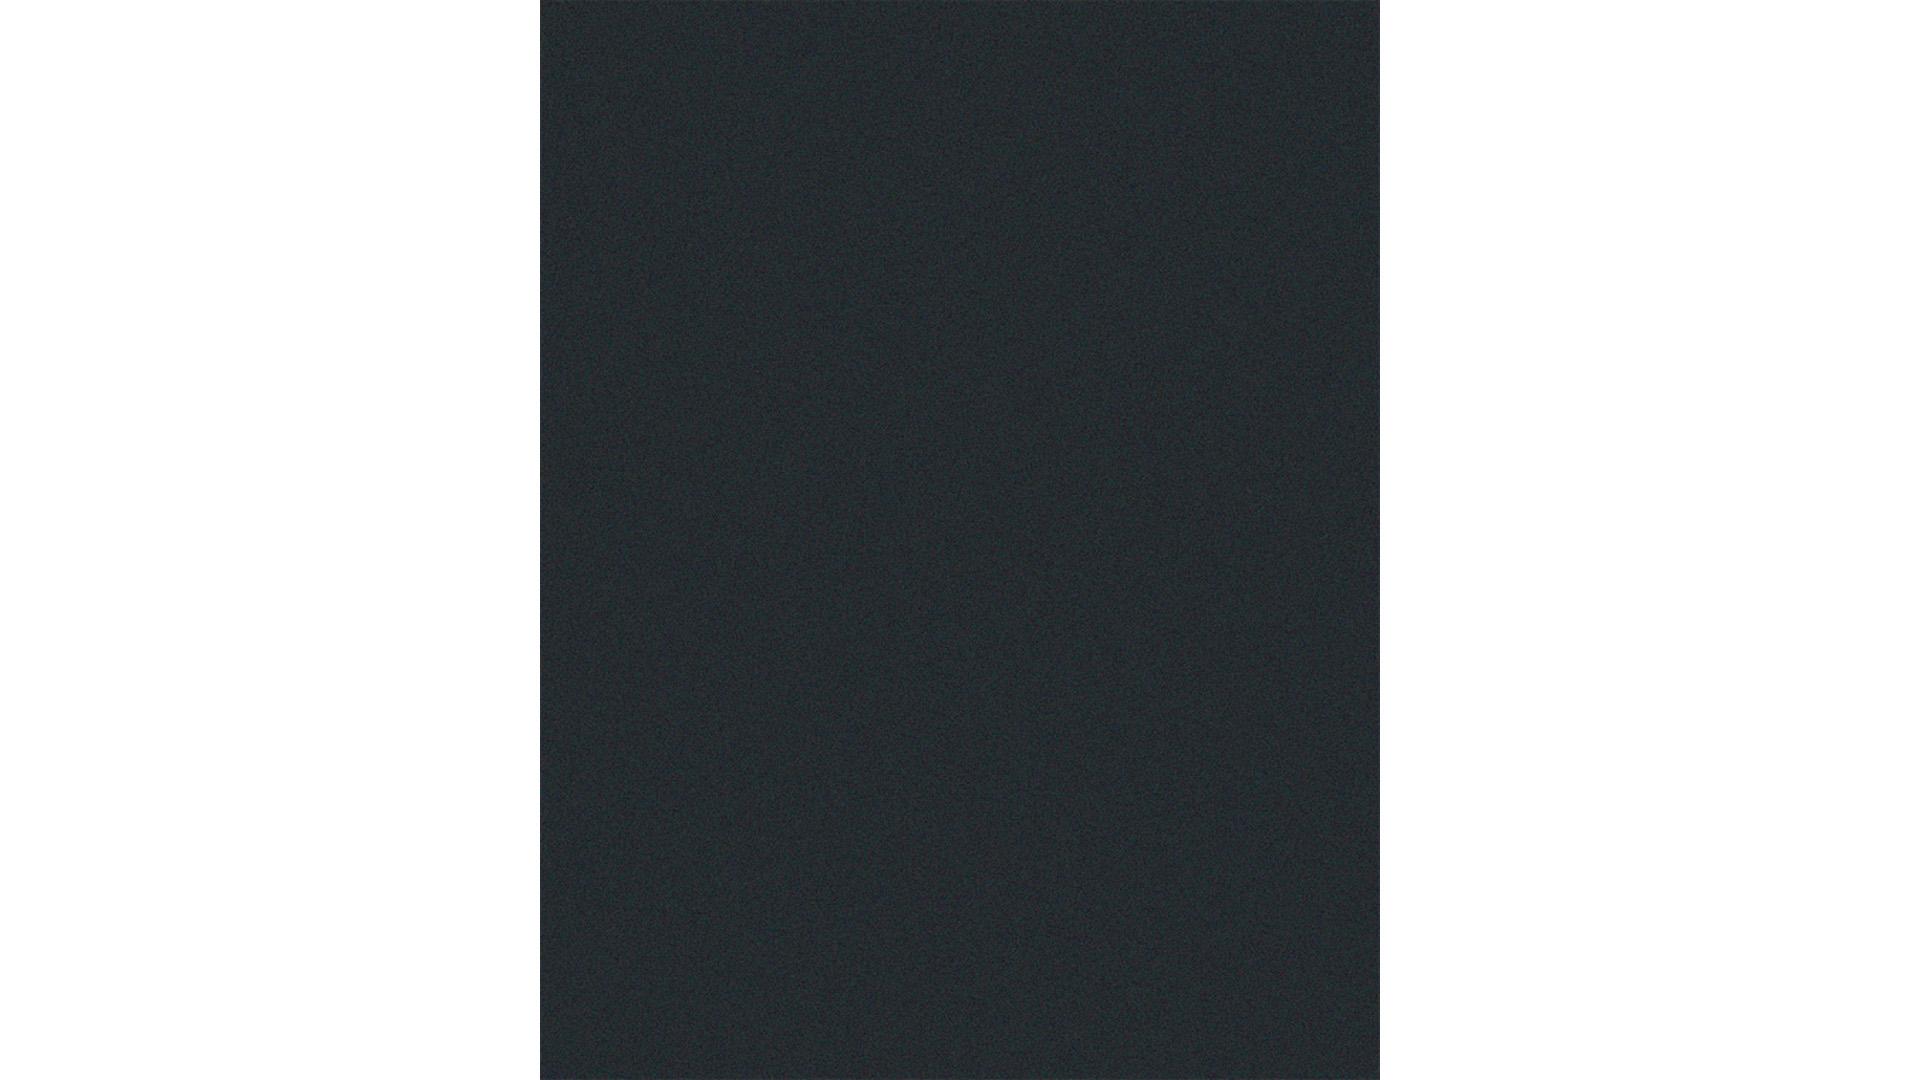 Nass-Schleifpapier braun P220 SIA 1 Stk